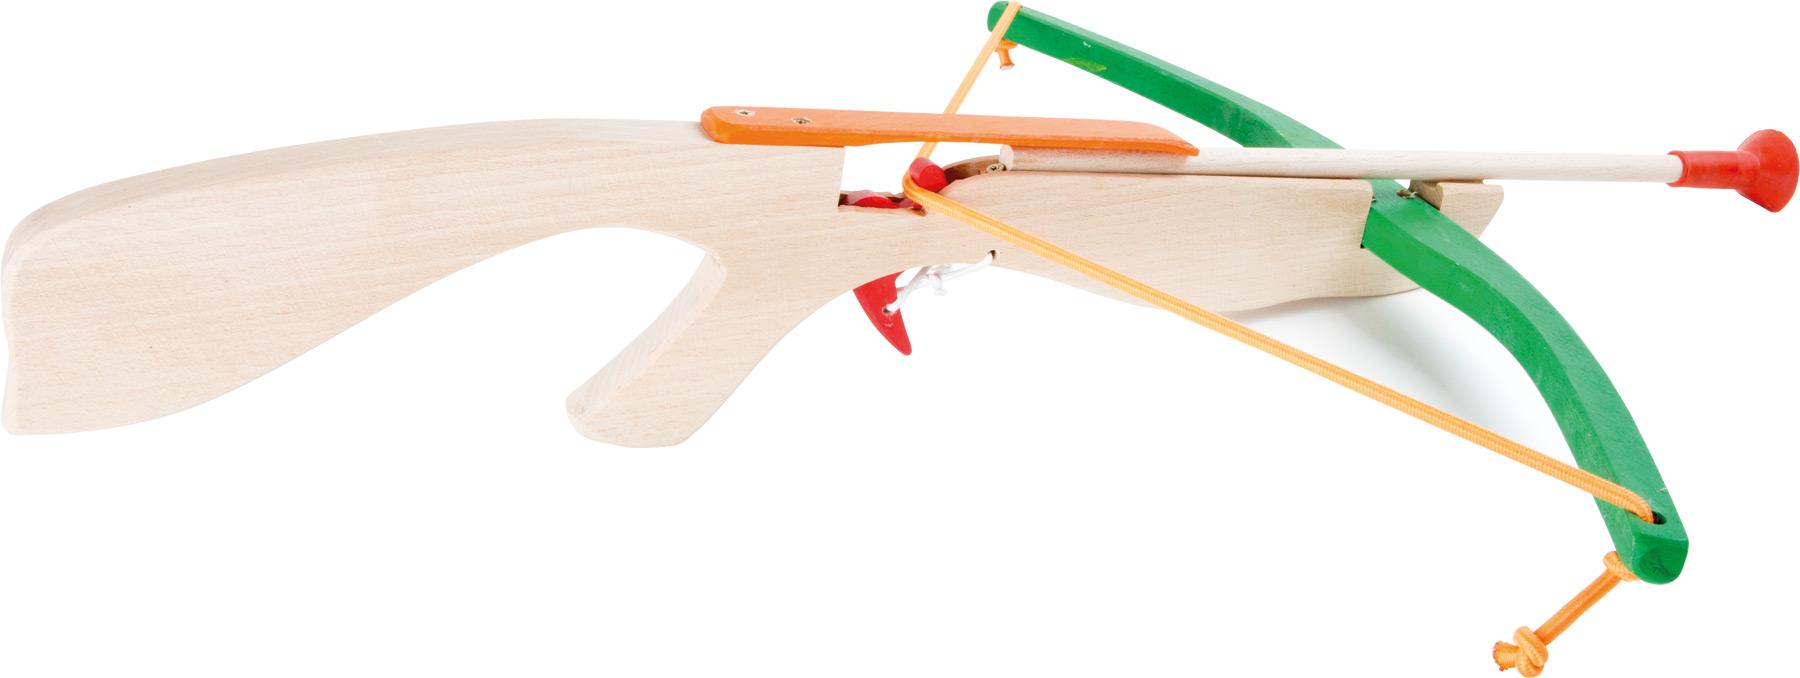 Dřevěné hračky pro kluky - Velká kuše